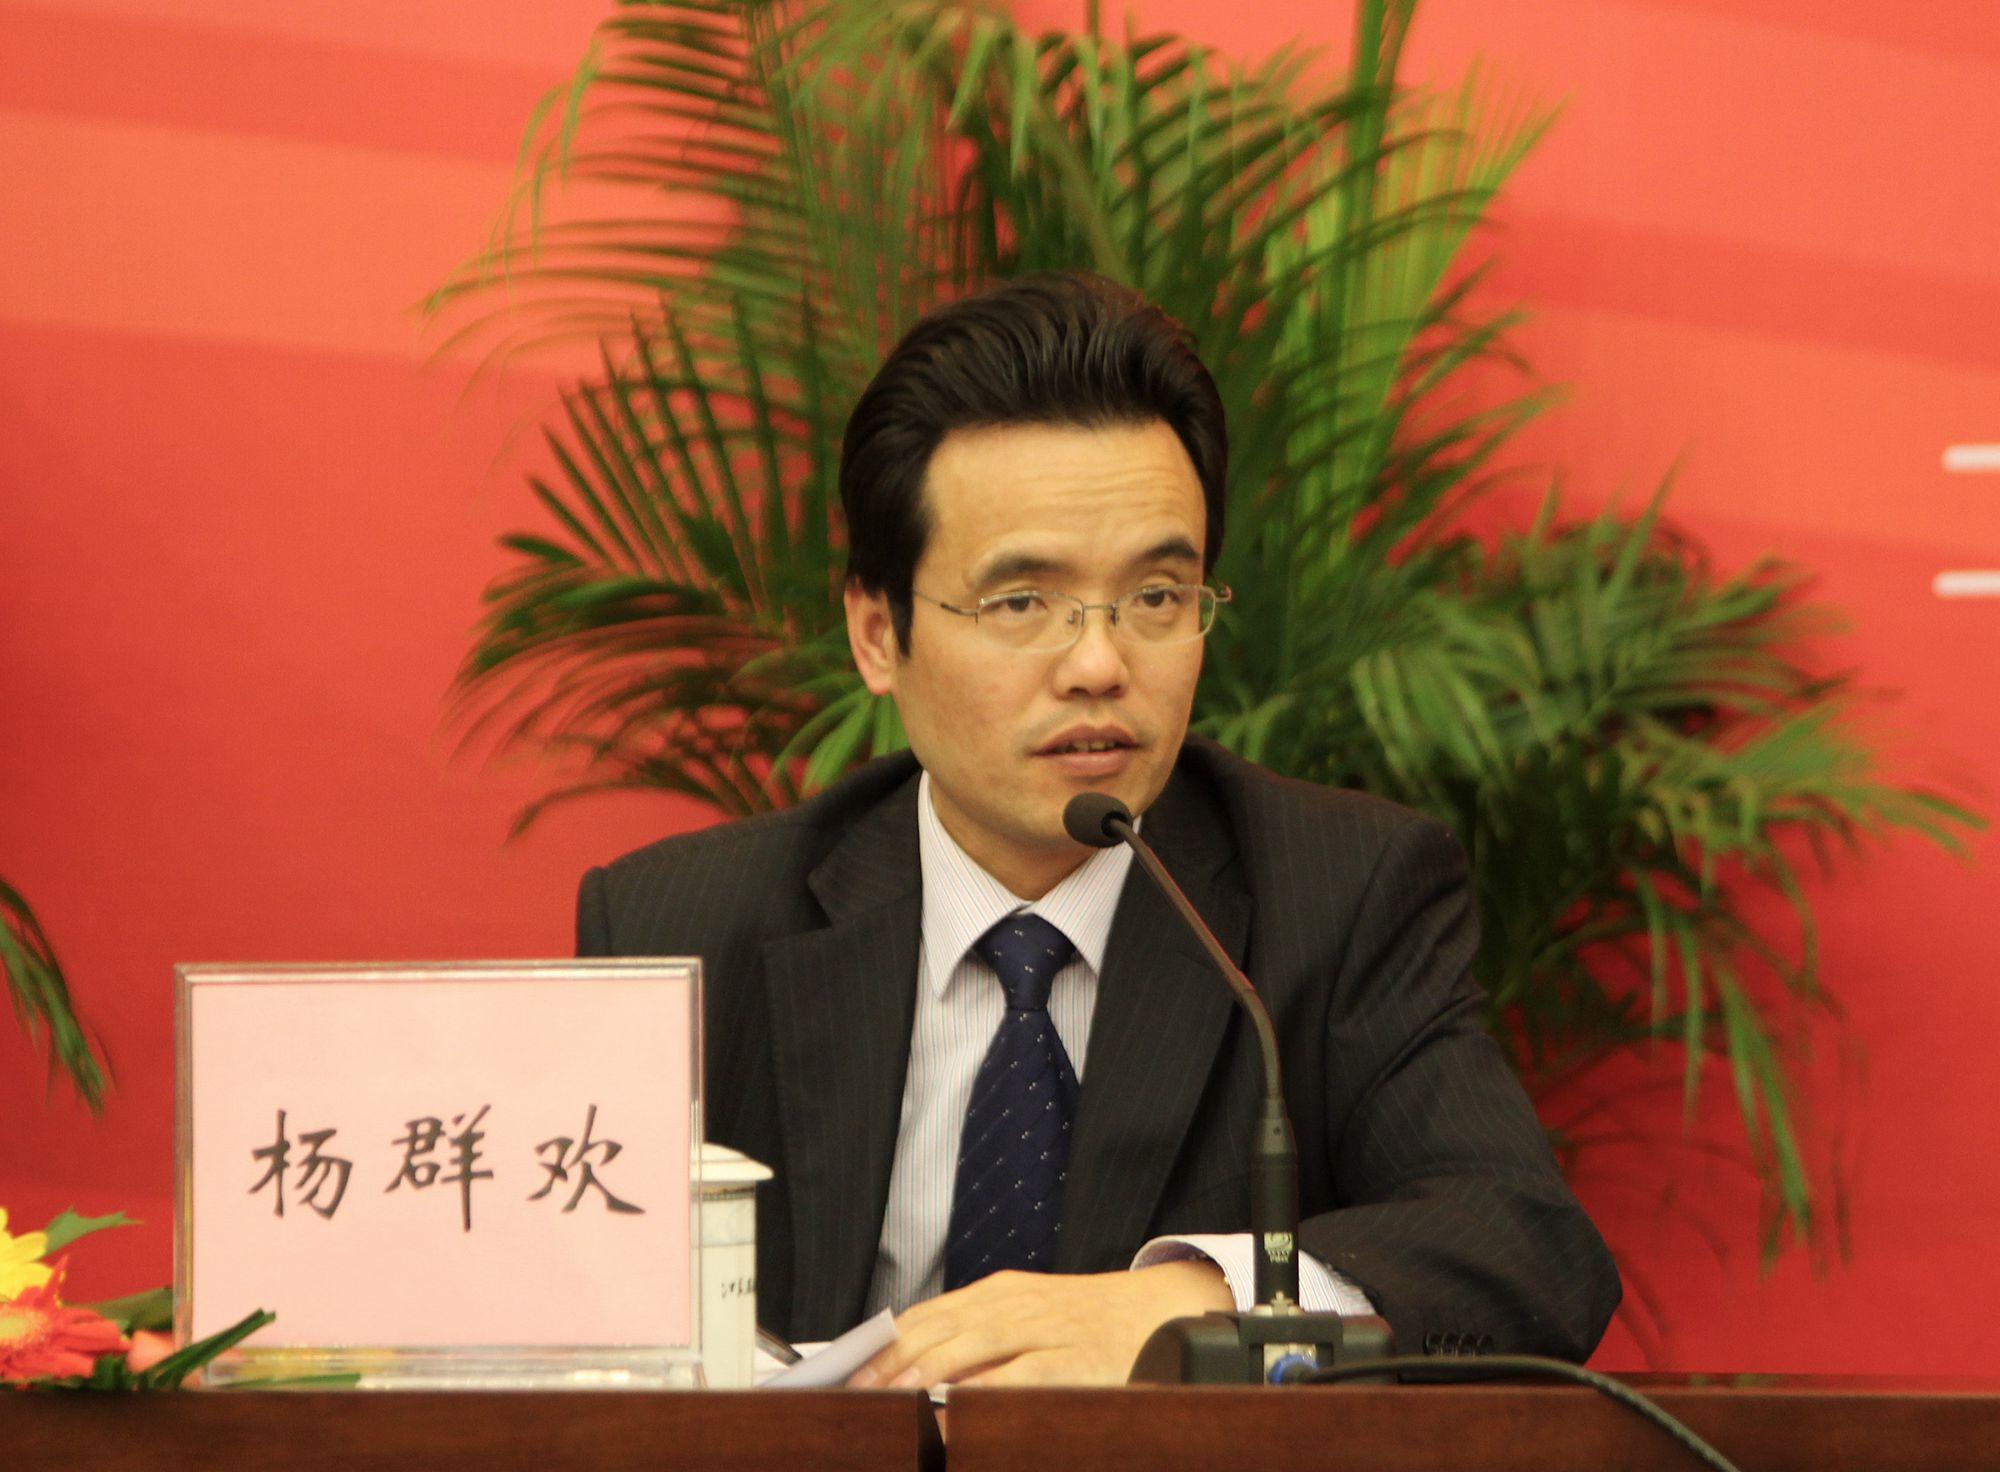 全国商务秘书与行政助理专家委员会首席专家——杨群欢教授